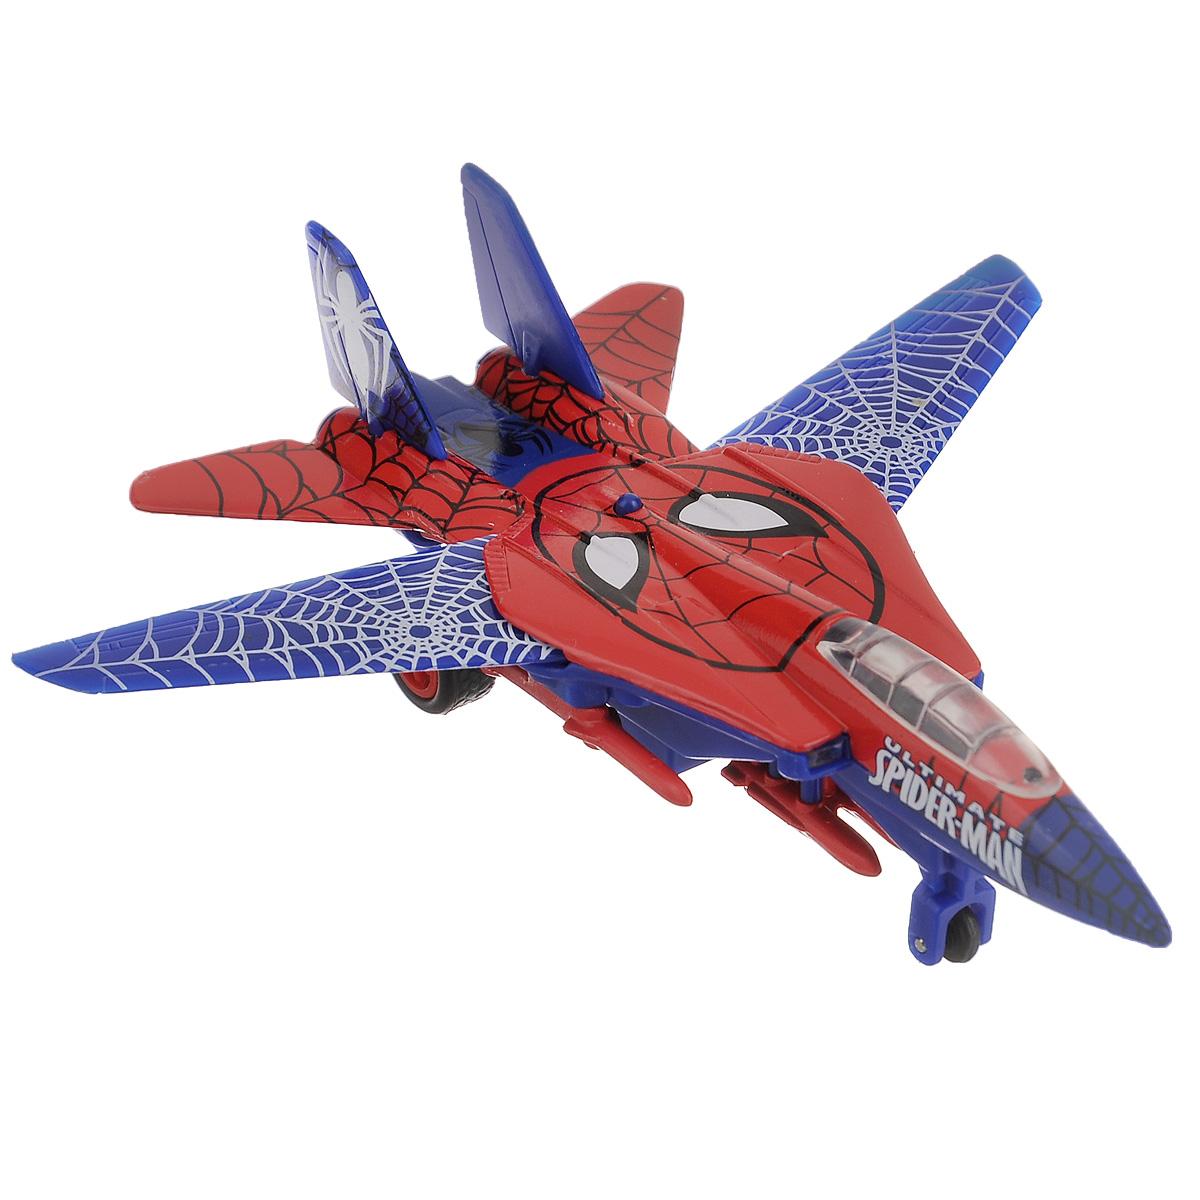 Spider-Man Самолет инерционный Великий Человек-ПаукSB-14-03-2Инерционный самолет Spider-Man Великий Человек-Паук привлечет внимание вашего ребенка и не позволит ему скучать. Он выполнен из металла с элементами из пластика и оформлен в стиле Человека-Паука. Модель оснащена боекомплектом. Самолет оснащен инерционным механизмом: стоит откатить его назад, слегка нажав на крышу, затем отпустить, и он молниеносно поедет вперед. При нажатии кнопки на крыше самолет издает звуковой сигнал и подсвечивается пилота. С этой игрушкой ваш малыш будет часами занят, придумывая различные истории. Порадуйте его таким замечательным подарком! Рекомендуется докупить 3 батарейки напряжением 1,5V типа LR41 (товар комплектуется демонстрационными).